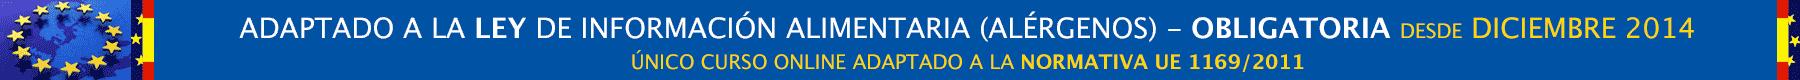 ADAPTADO A LA NUEVA LEY DE INFORMACIÓN ALIMENTARIA (ALÉRGENOS) - Normativa 1169/2011